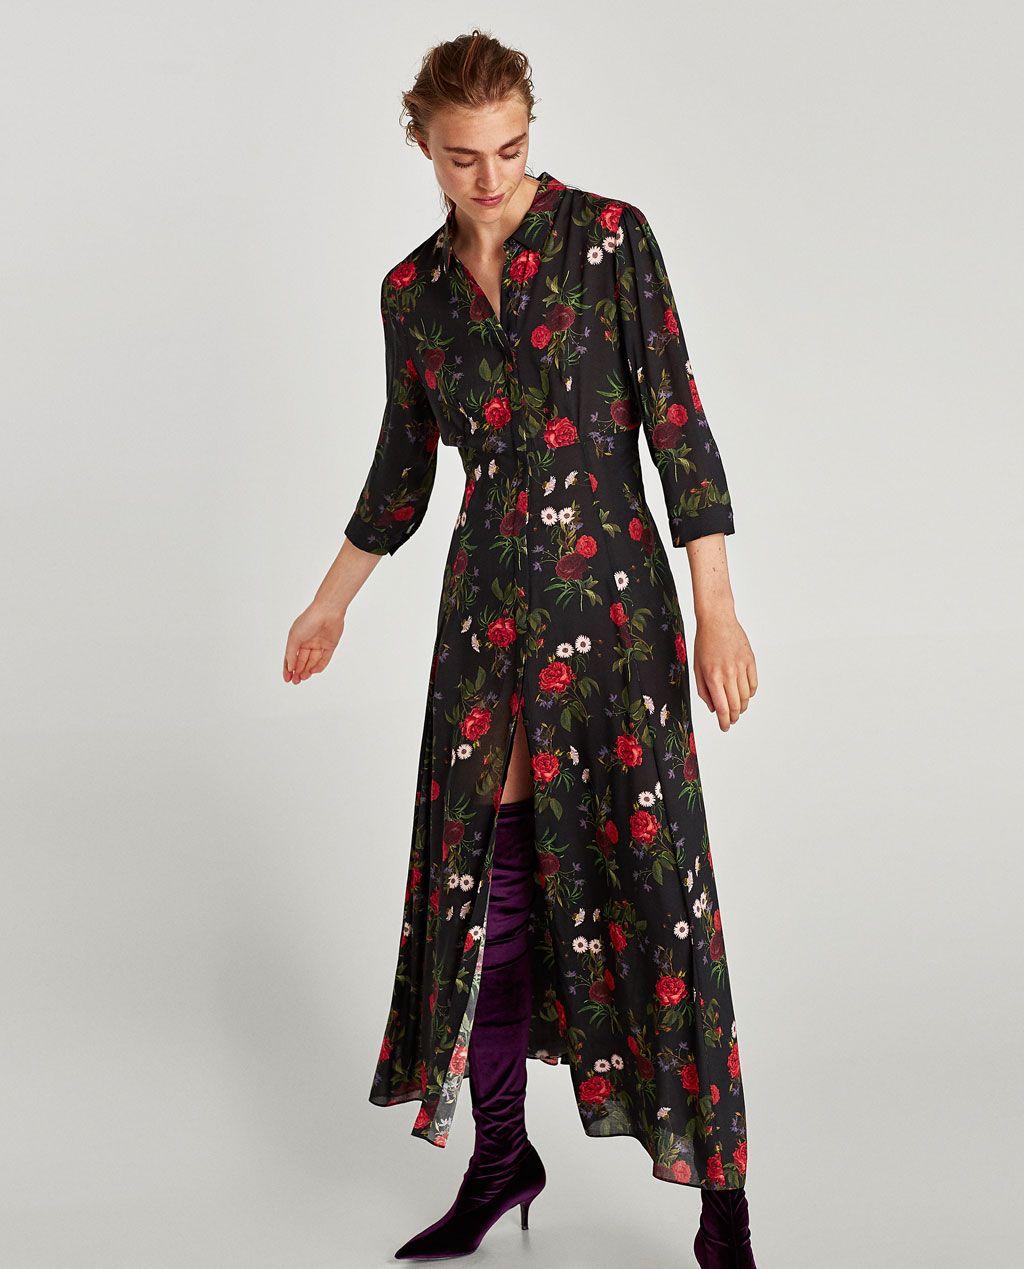 Vestido camisero estampado rosas zara